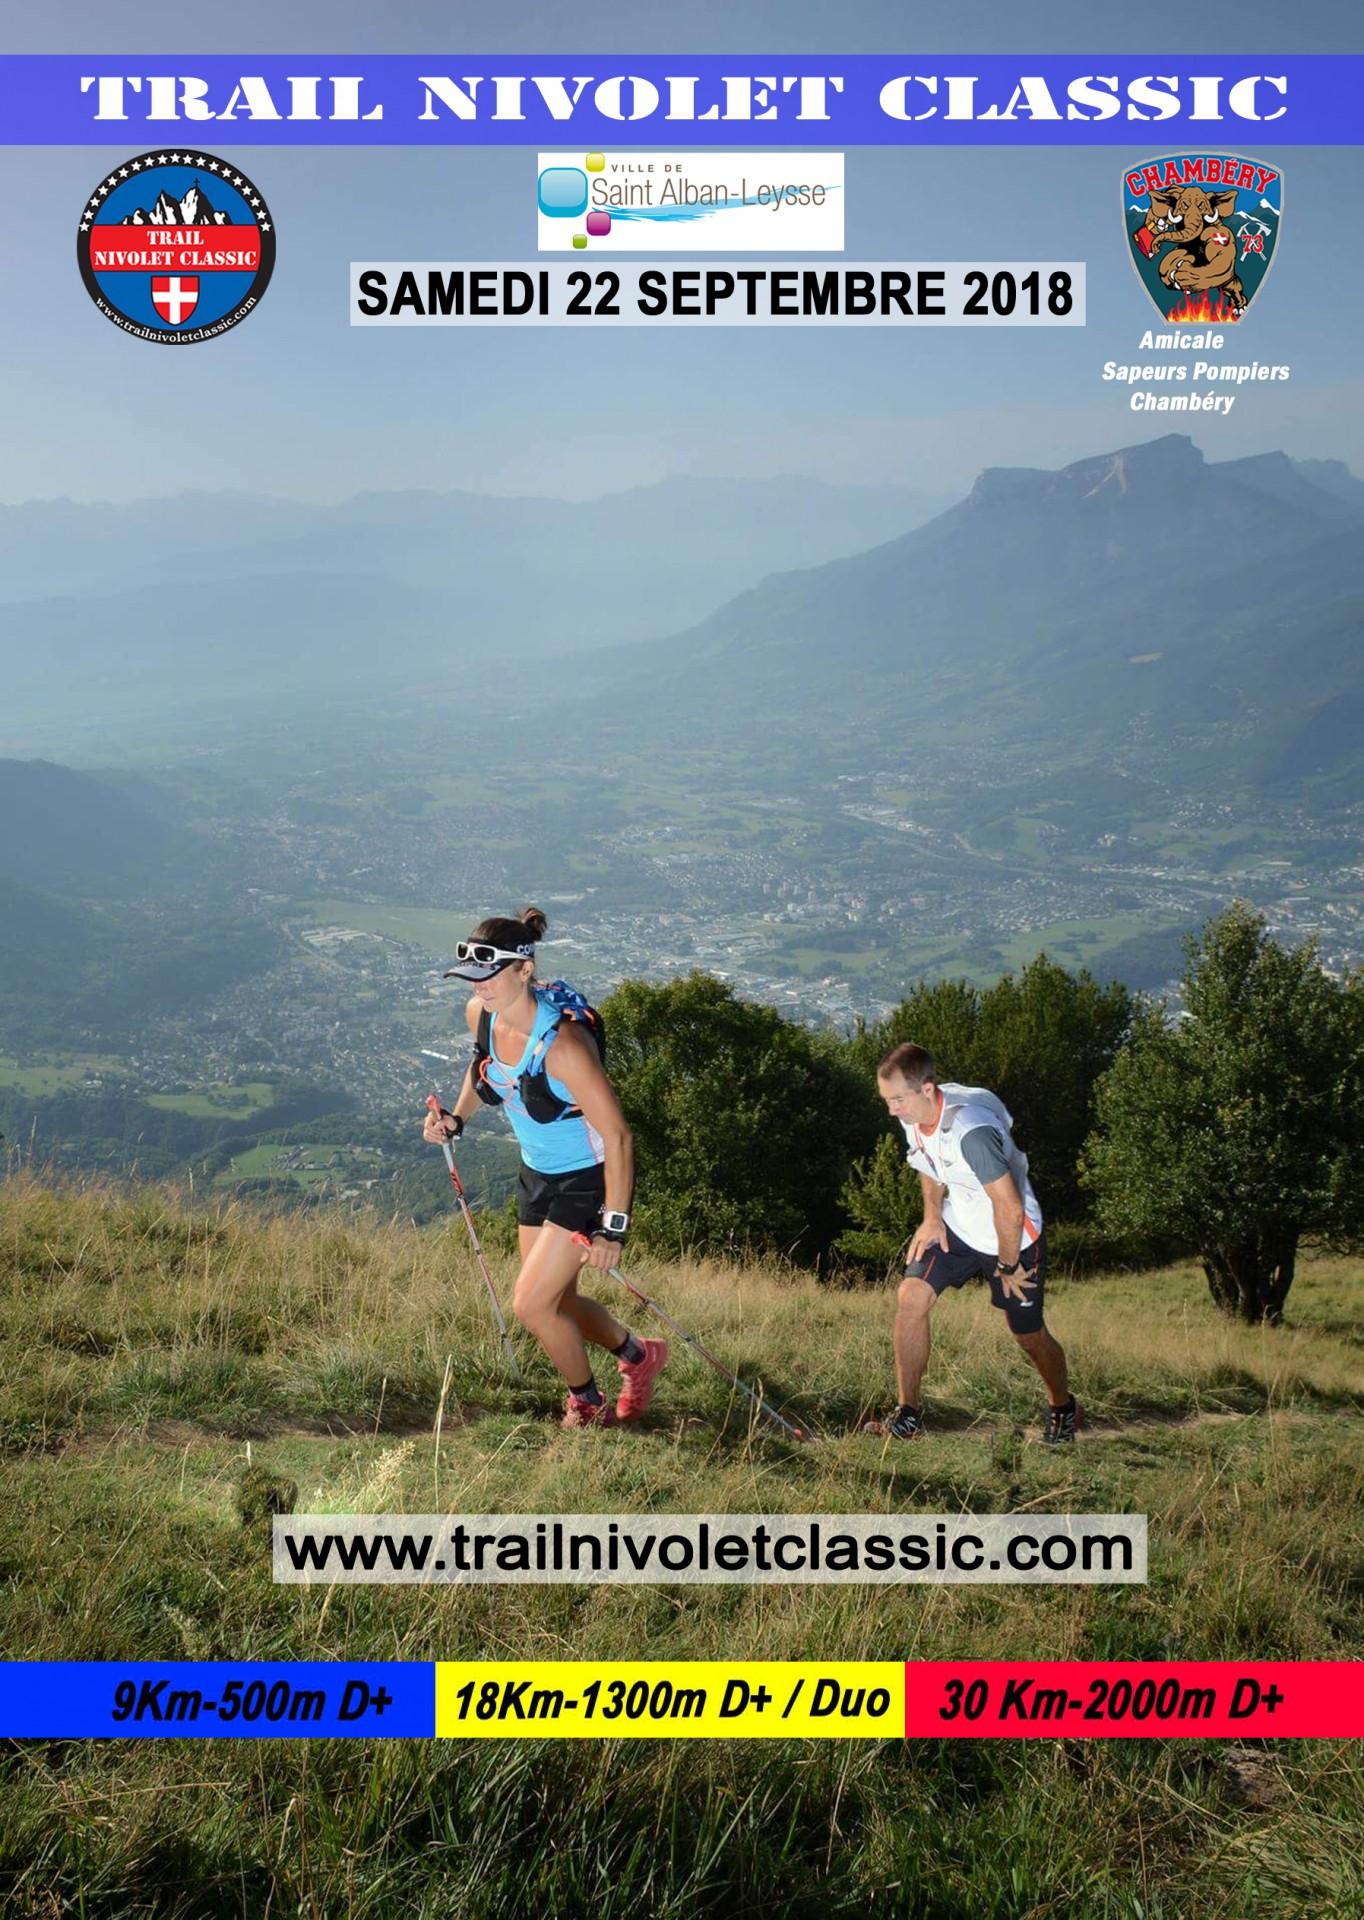 trail_nivolet_classicaffiche_2018.jpg